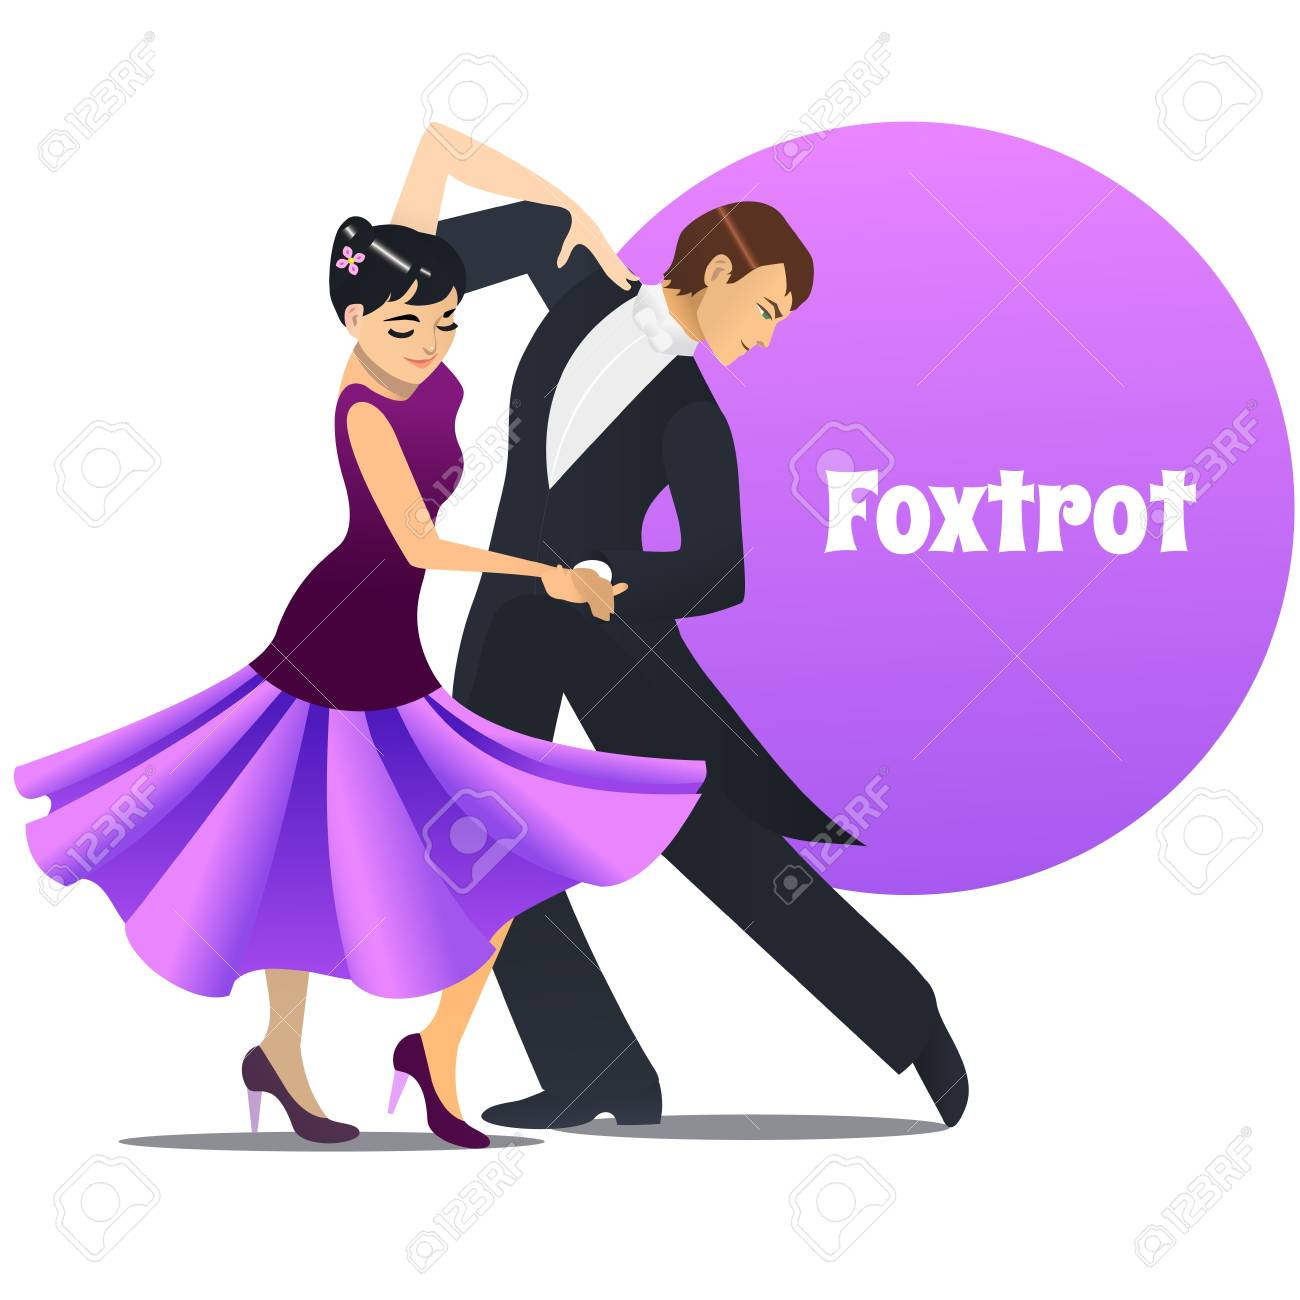 Foxtrot Steps Diagram Foxtrot Dance Steps Diagram